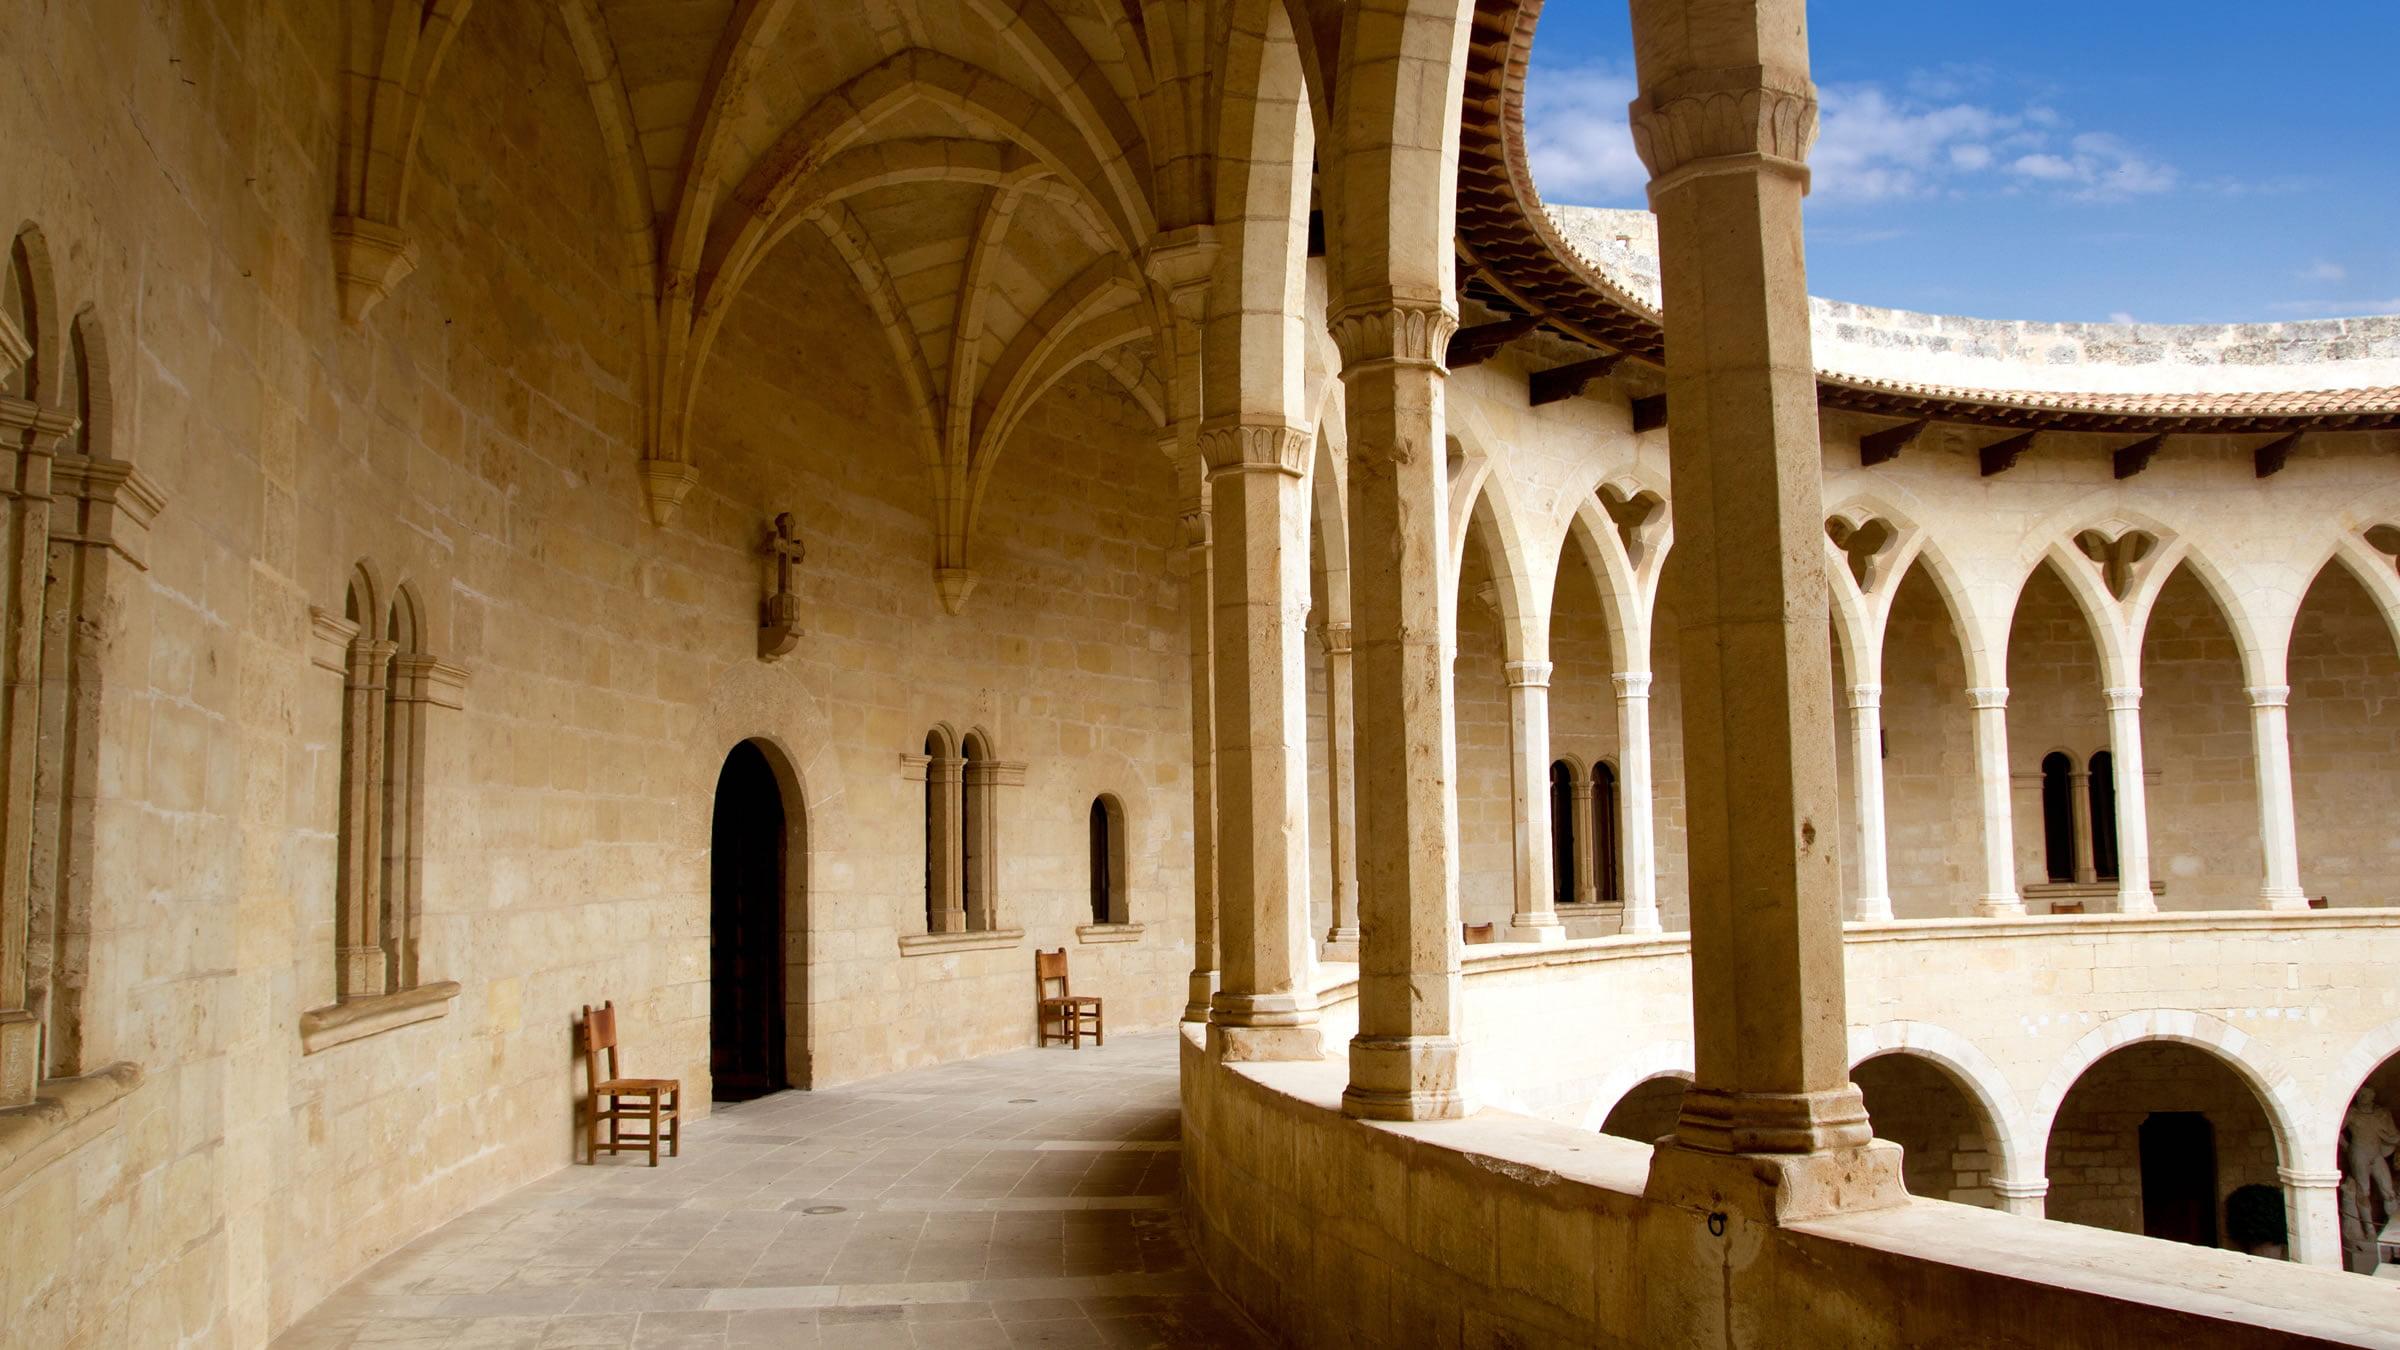 Castillo de bellver palma de mallorca espa a for Ciudades mas turisticas de espana